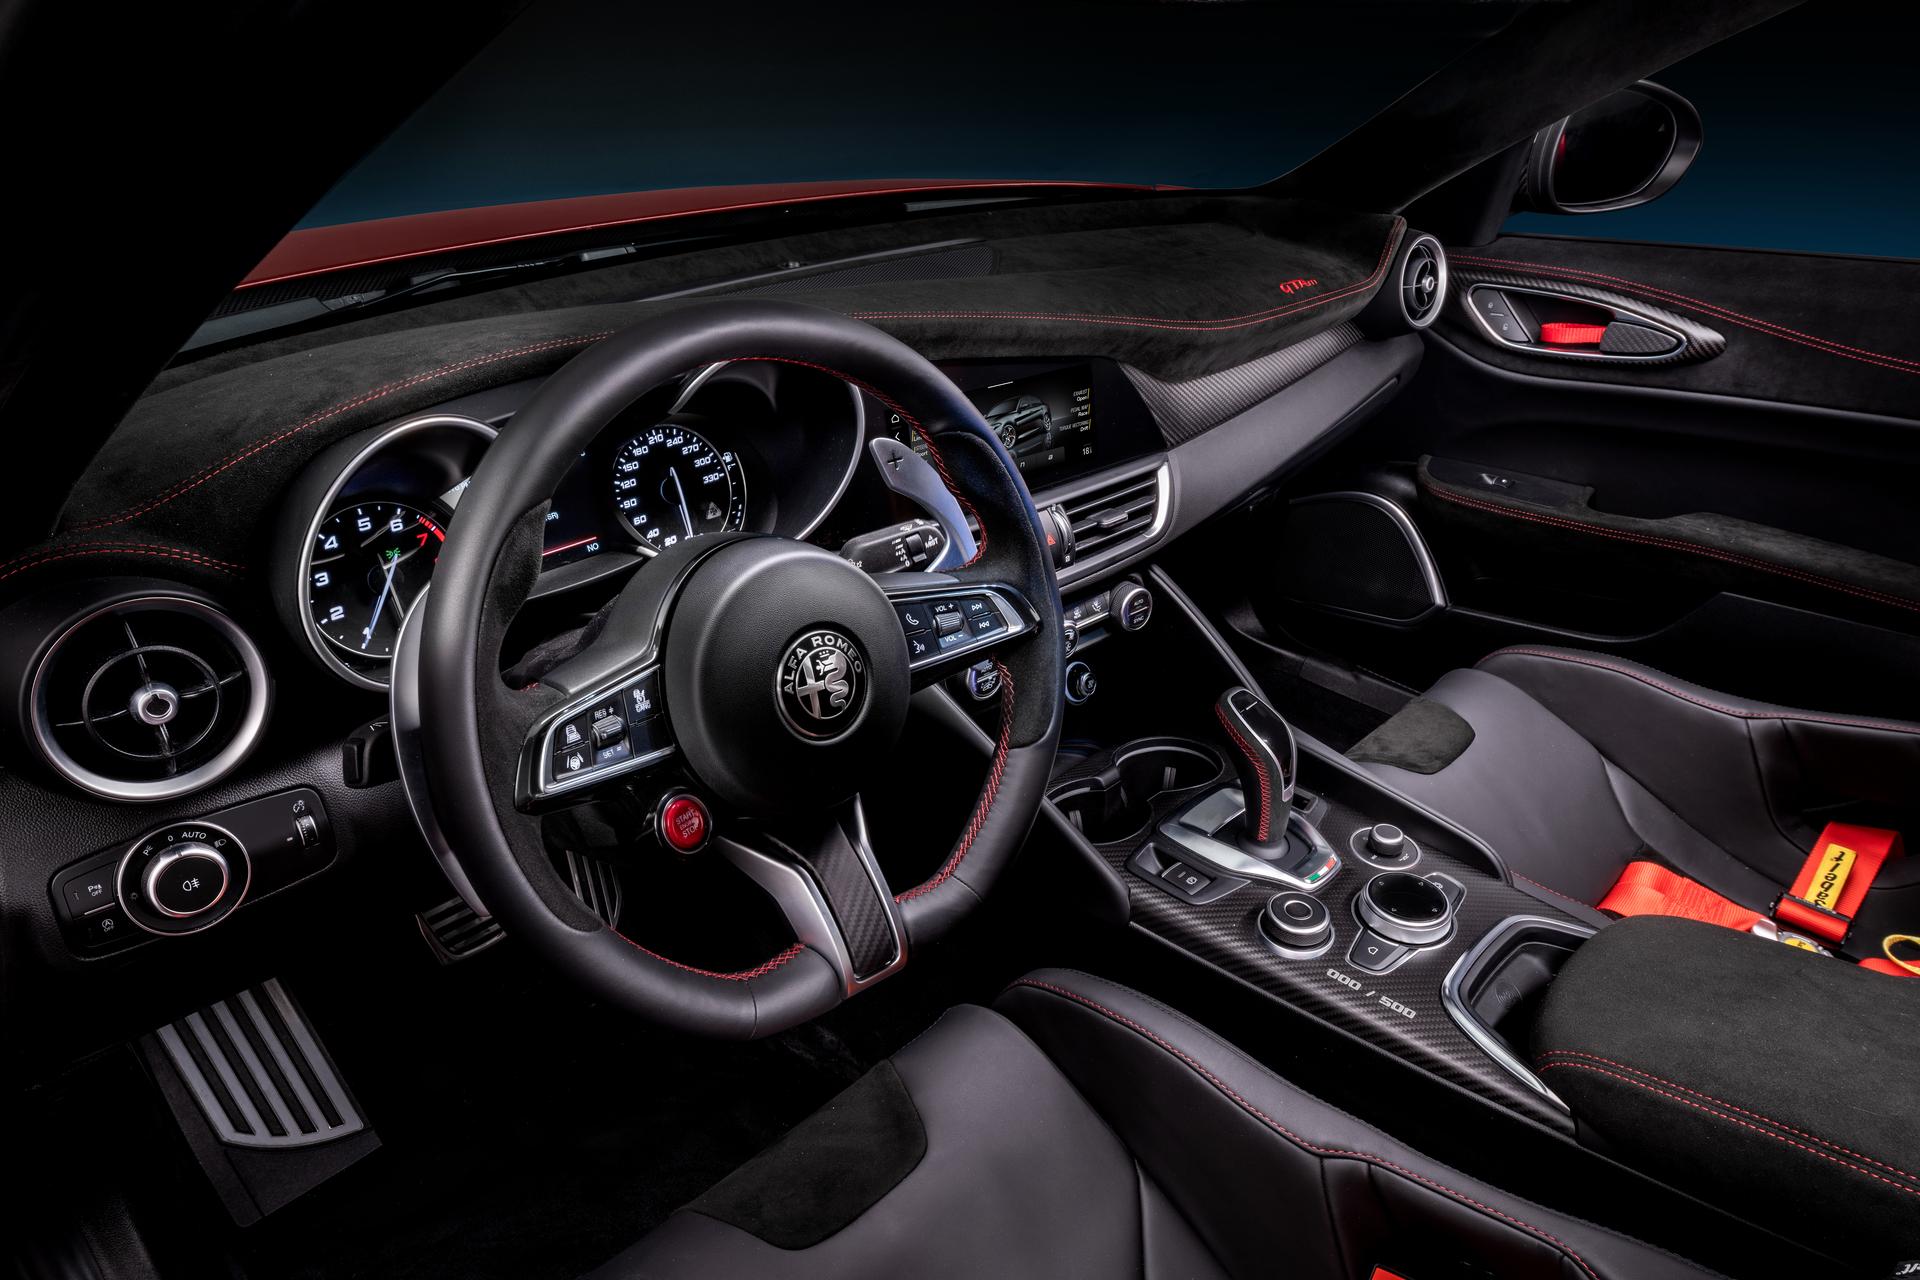 Alfa Romeogiulia Gta Copy 9